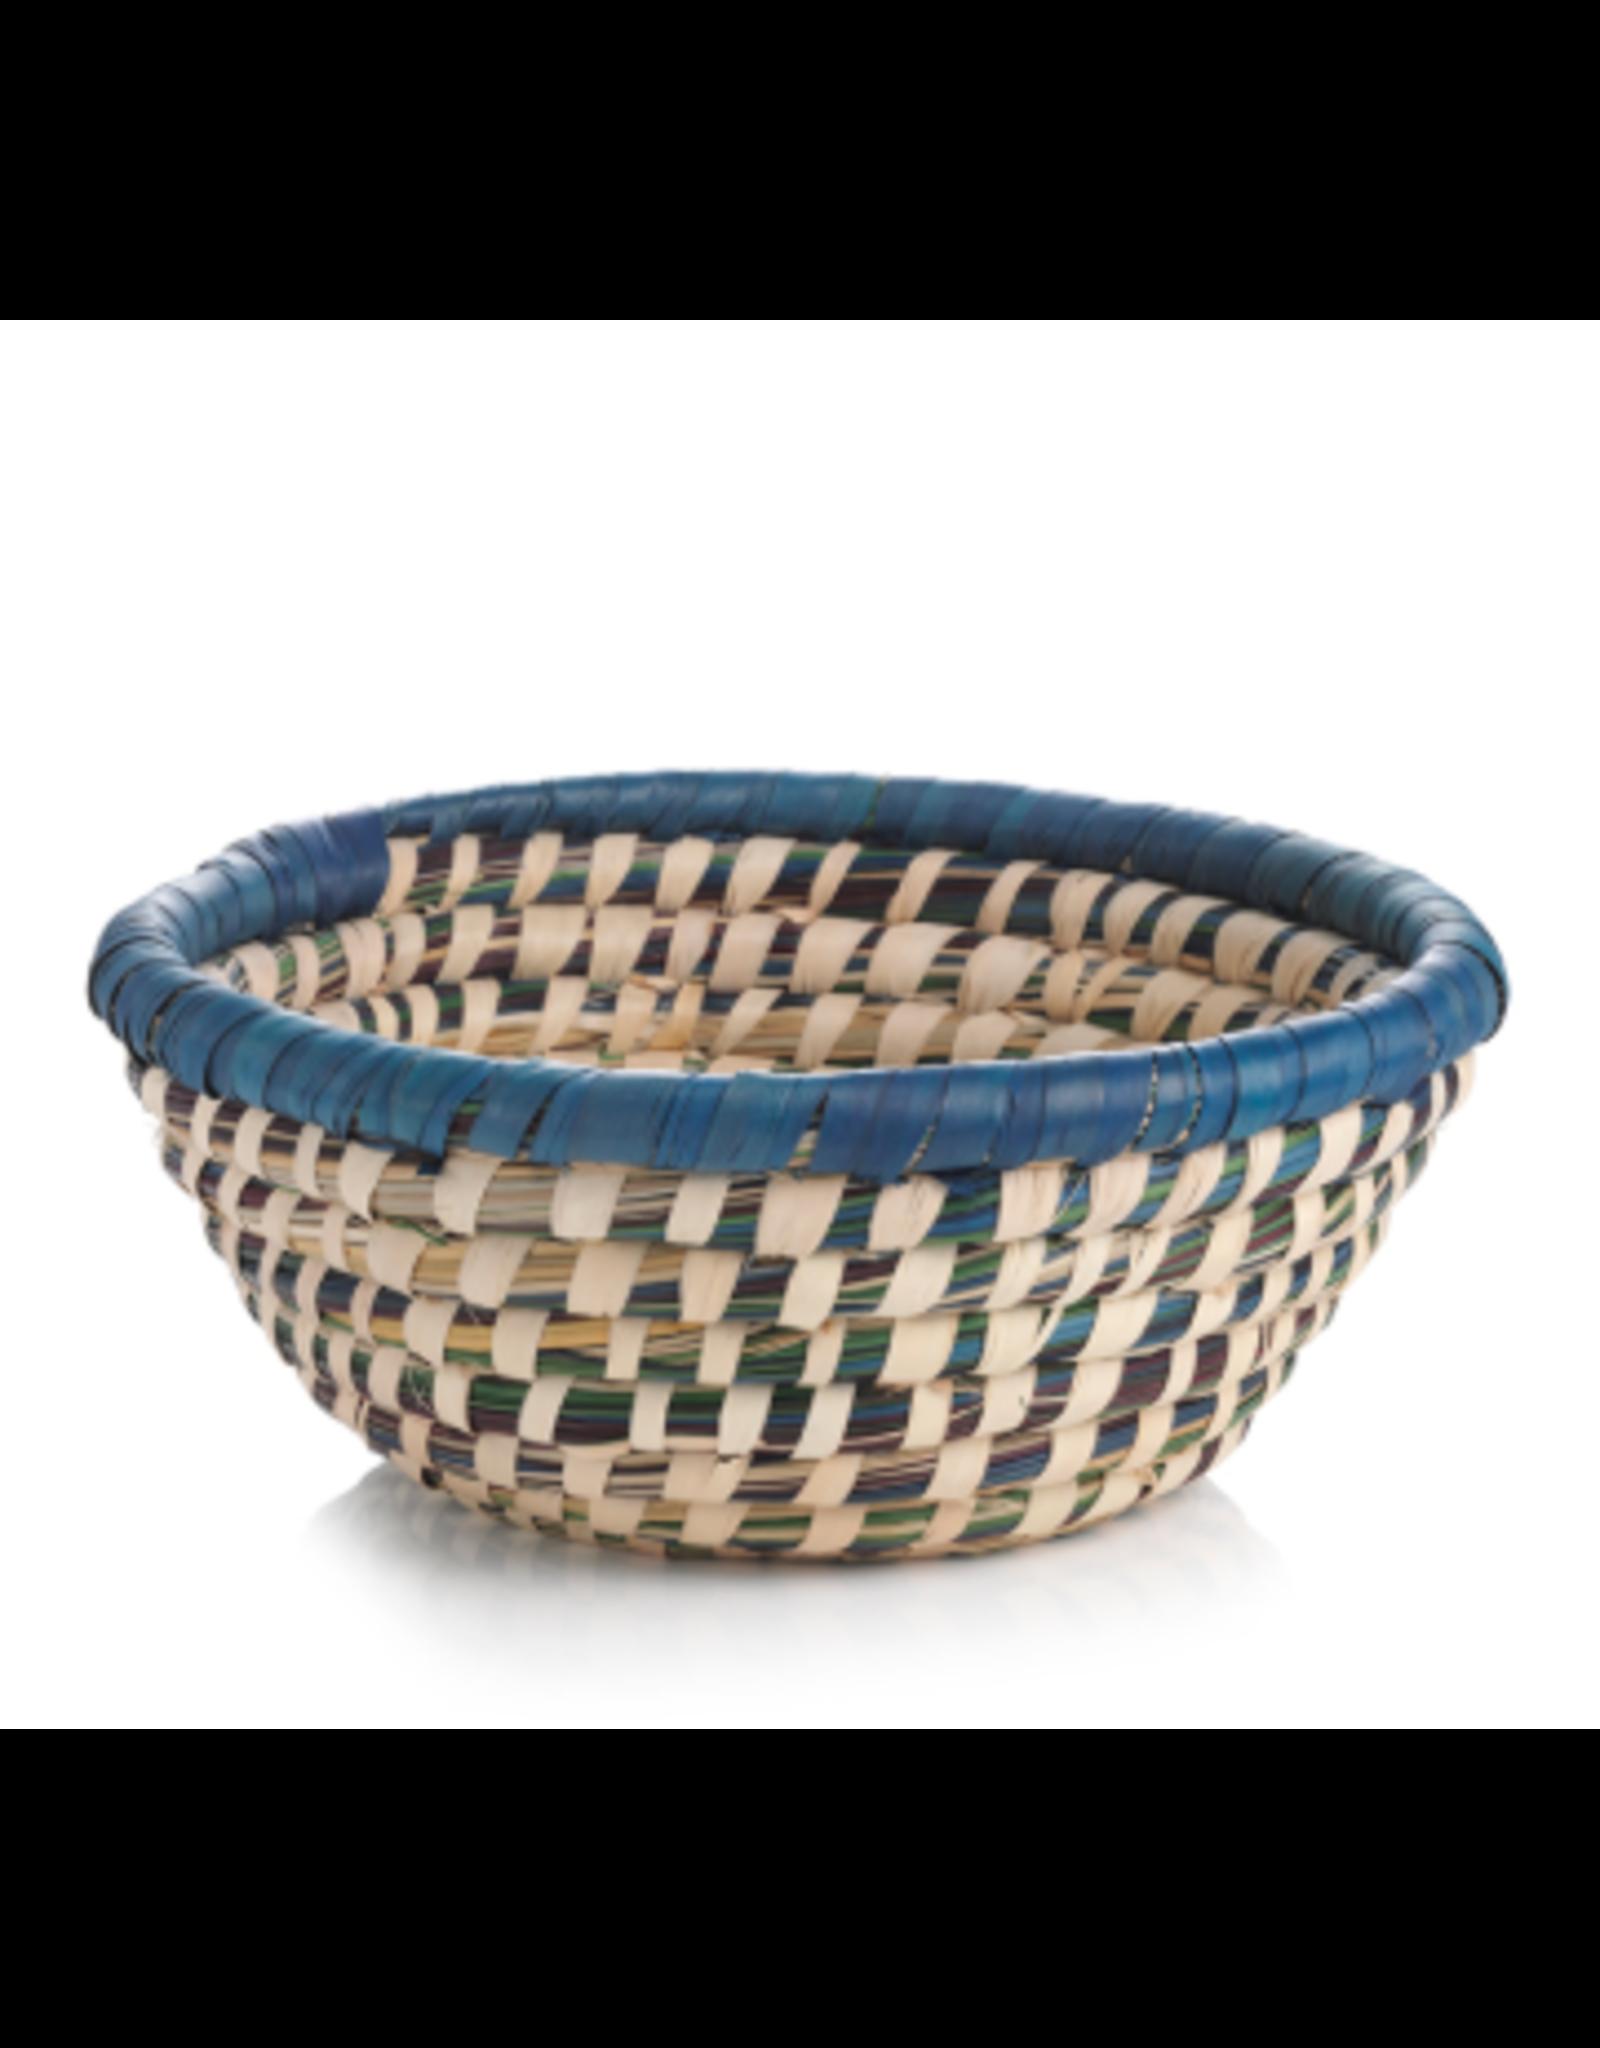 Seaside Round Kaisa Basket, Bangladesh